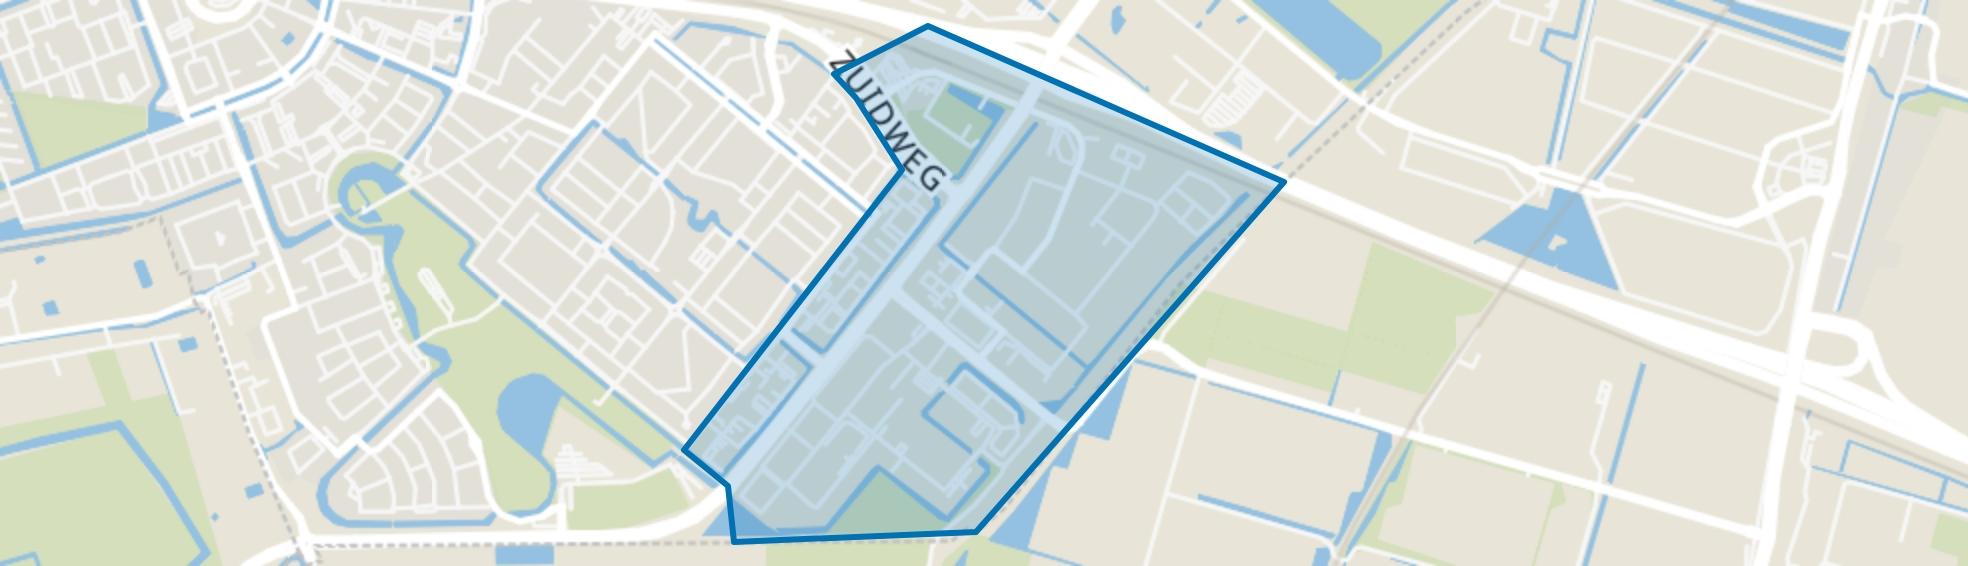 Lansinghage c.a., Zoetermeer map